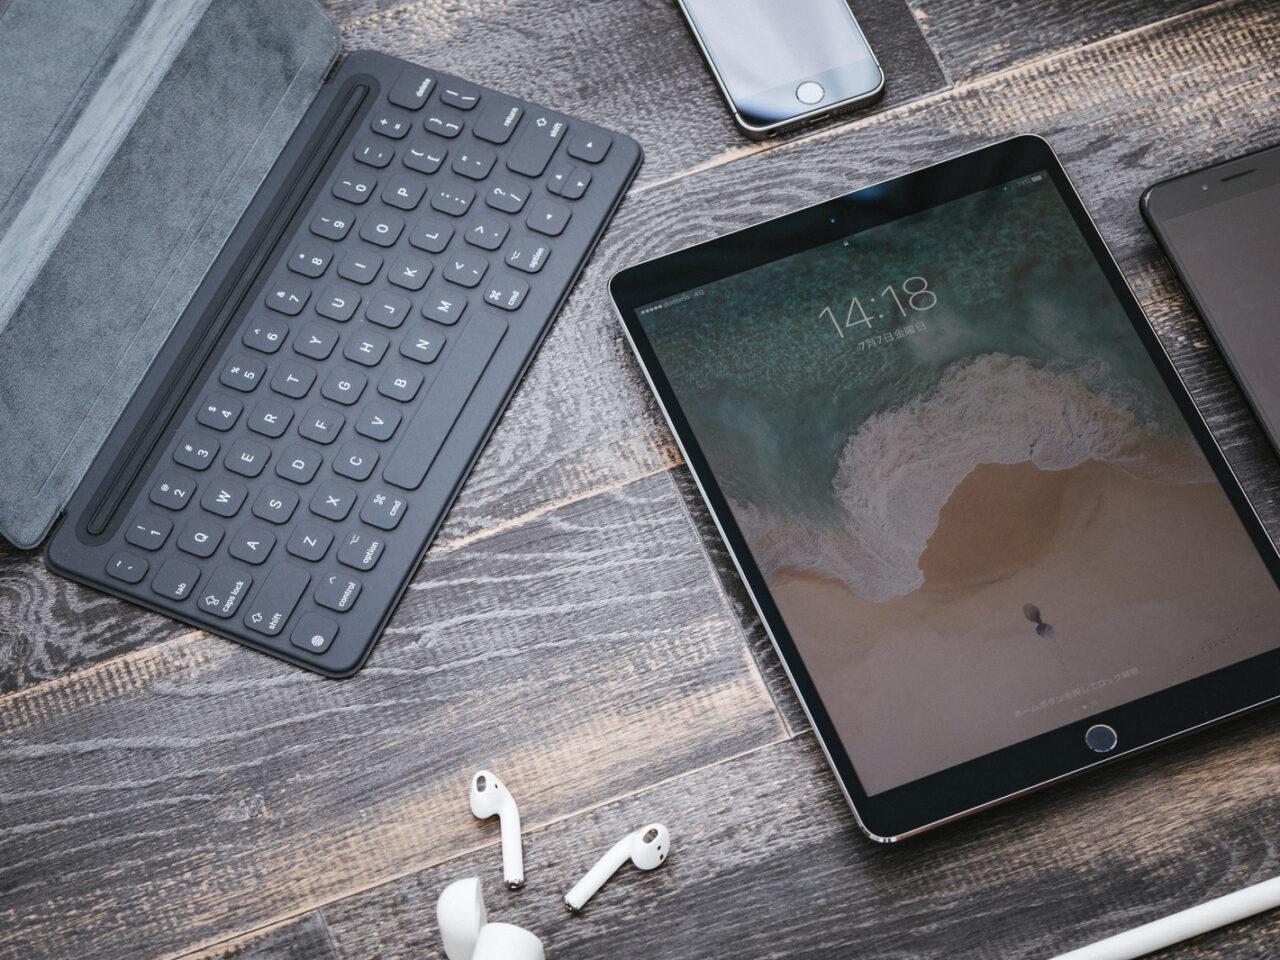 povo(ポヴォ)でスマホ本体は発売される?携帯はどう用意するのがおすすめ?のサムネイル画像